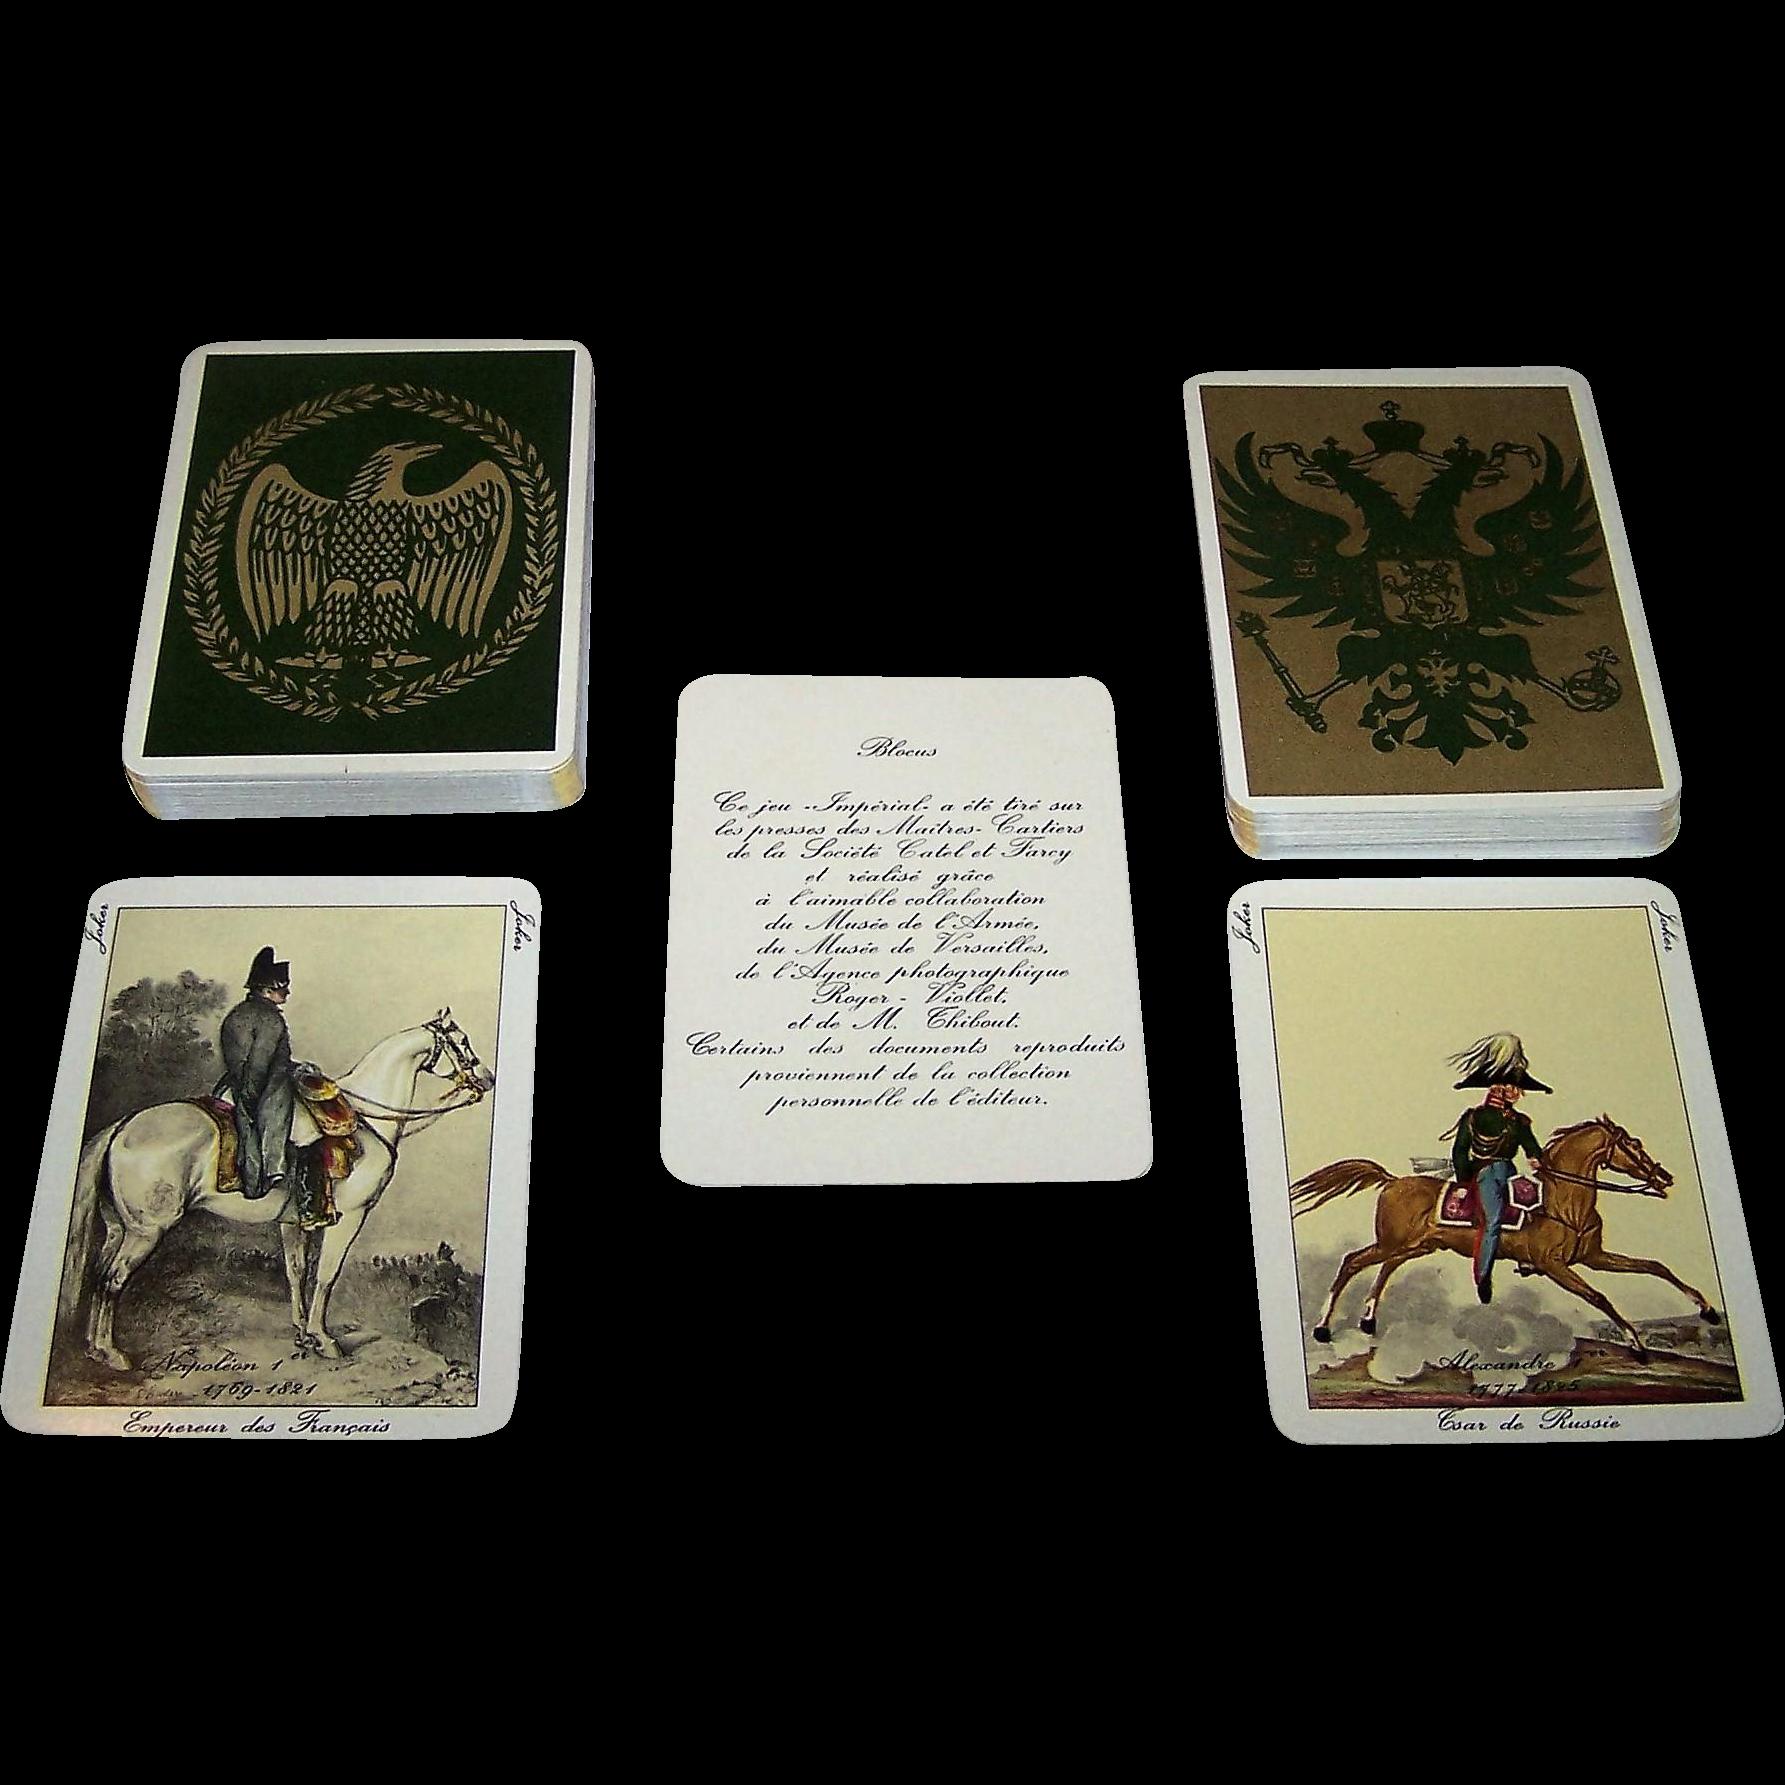 """Catel et Farcy """"Jeu de Blocus I and II"""" Playing Cards, """"La Grande Armée"""" and """"Les Armées Alliées"""", c.1965"""